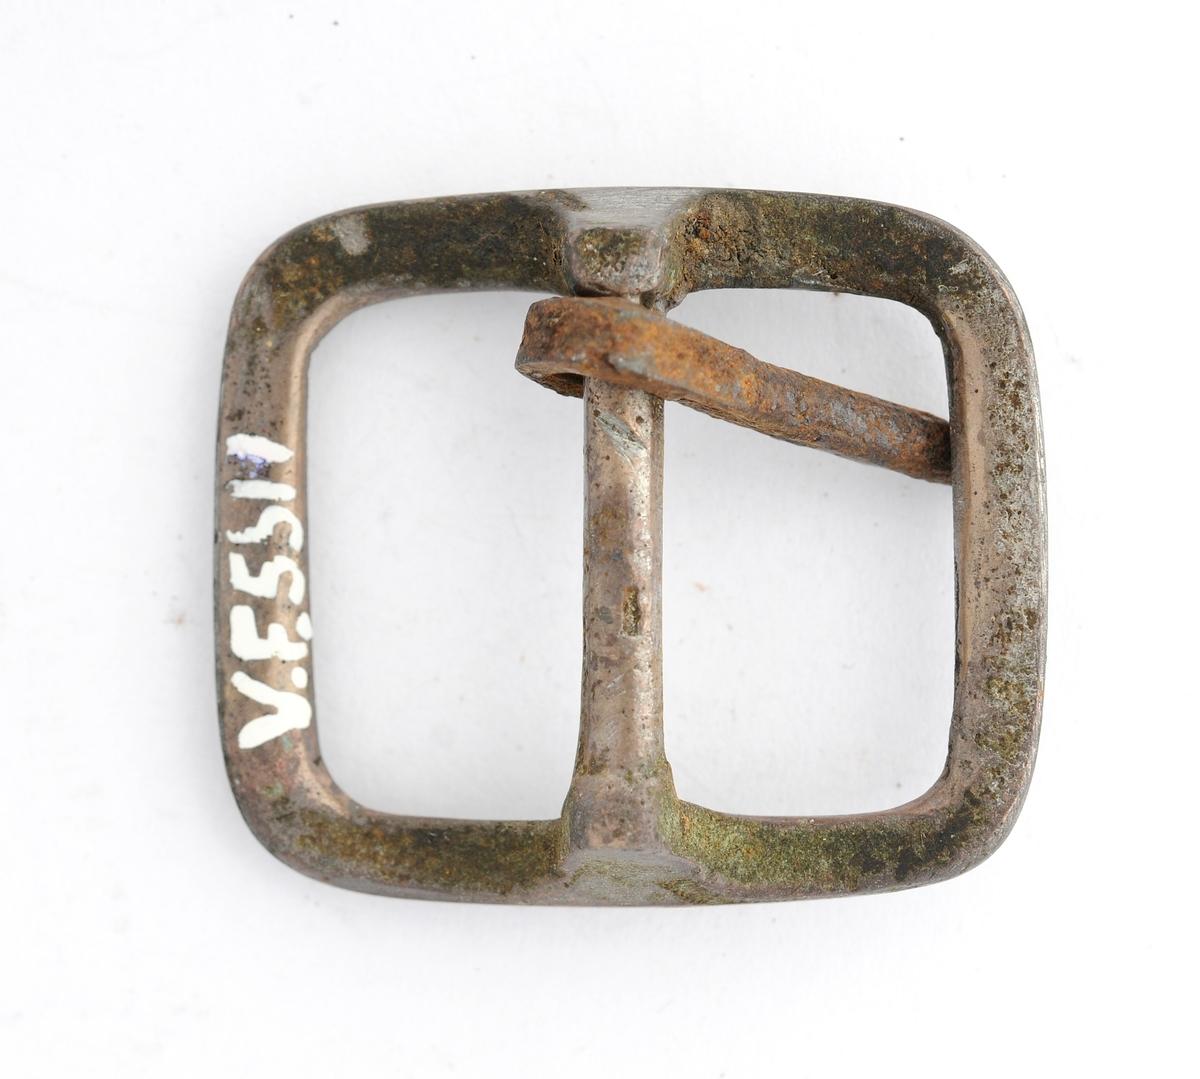 Spenne støypt i messing. Rektangulær form. Tann i jern er smidd rundt stolpen på midten.